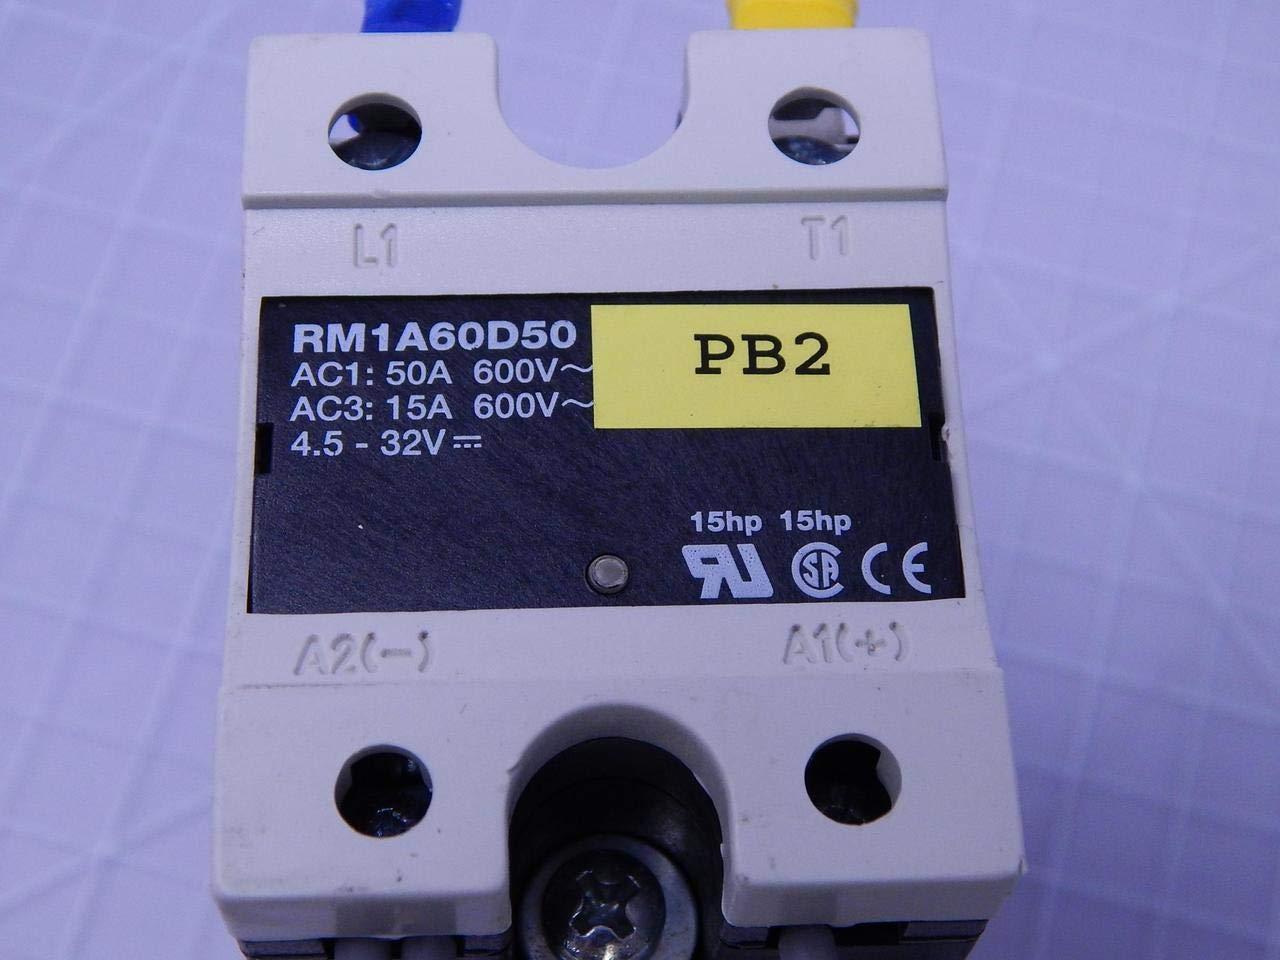 CARLO GAVAZZI RM1A60D50 SSR, PANEL MOUNT, 660VAC, 32VDC, 50A